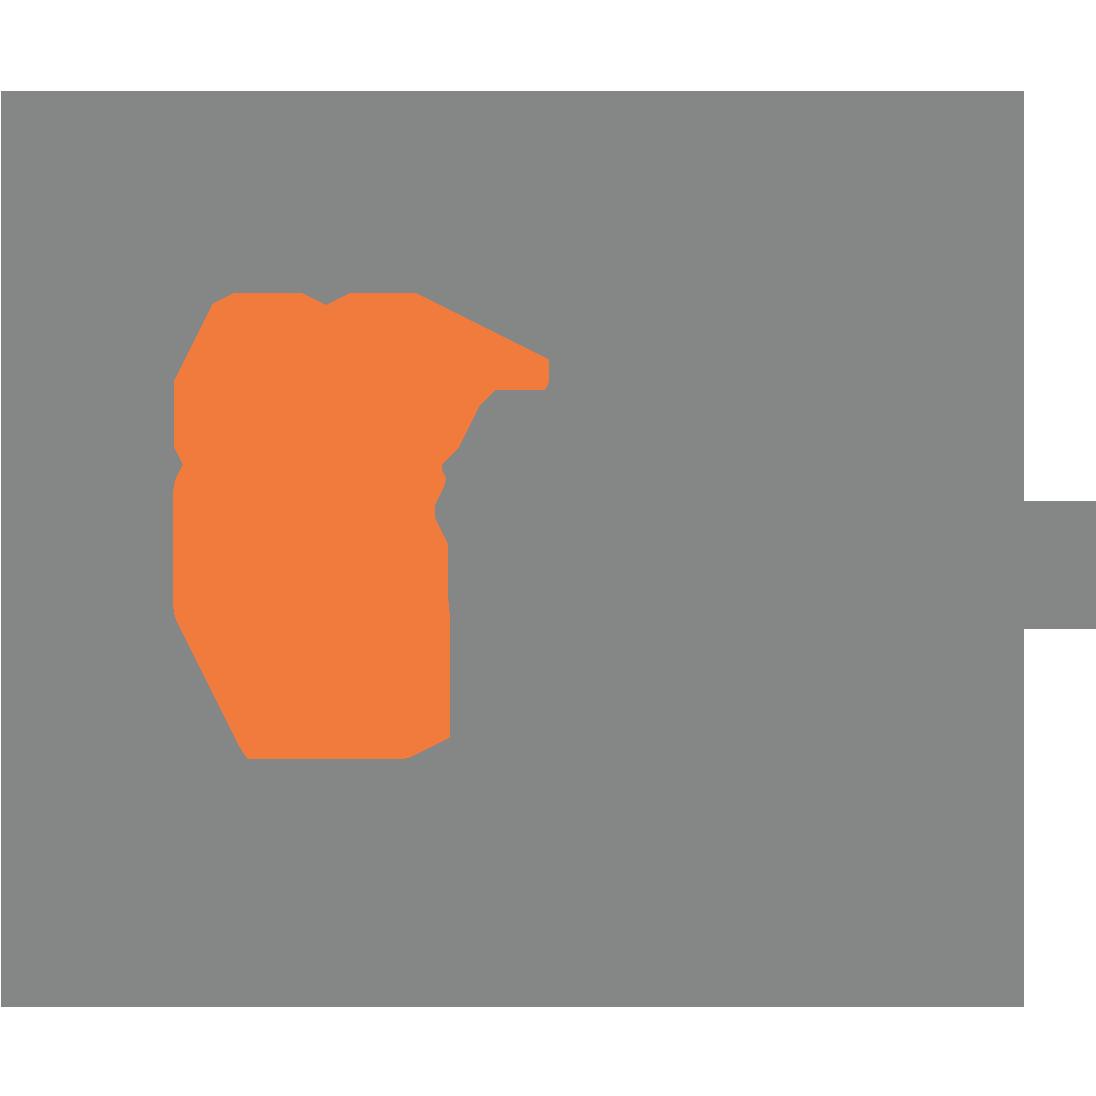 Otrema_logo_1